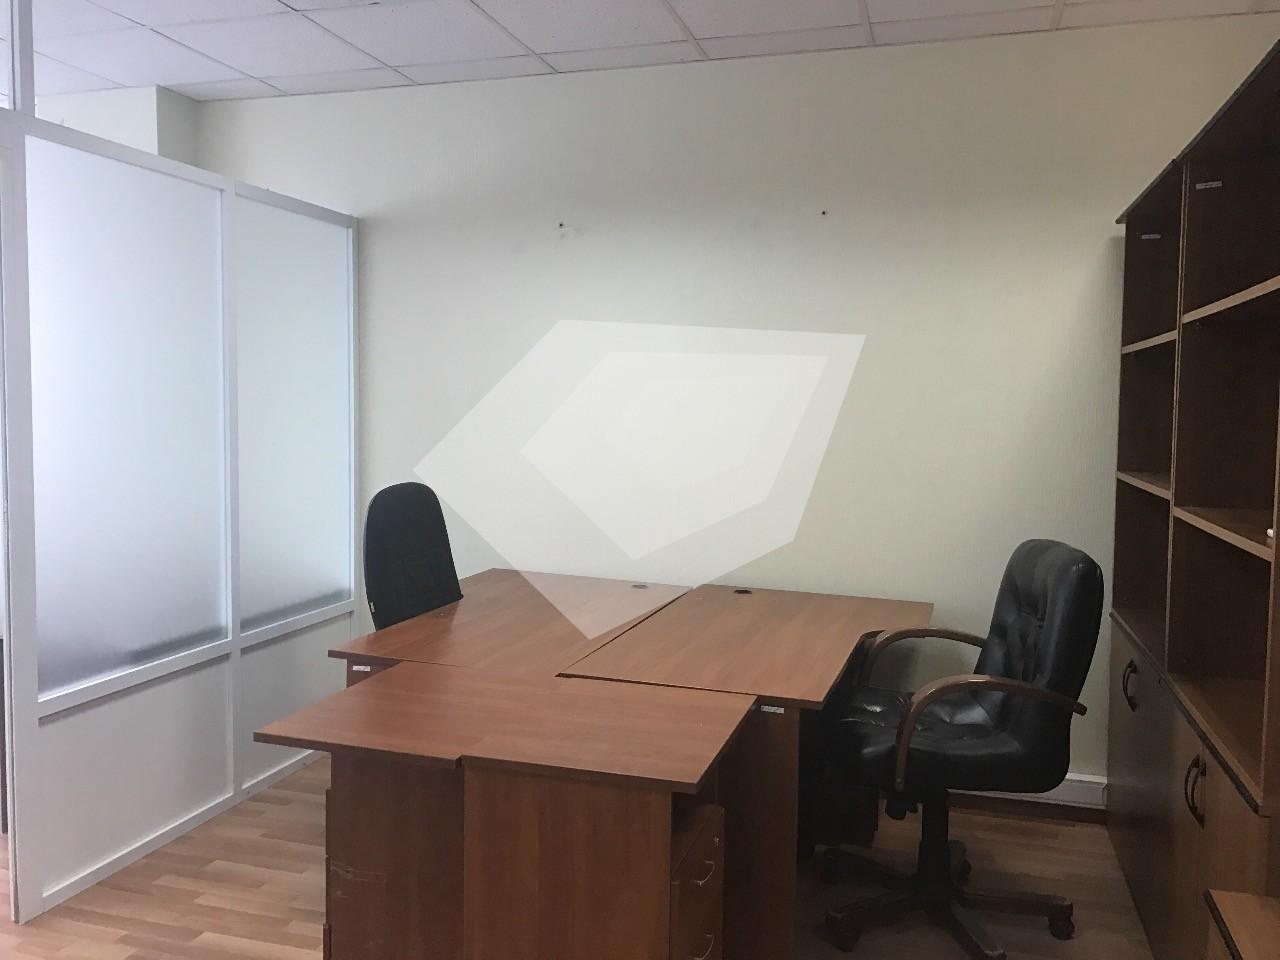 Аренда офиса 20 кв Перовское шоссе недвижимость улан-удэ коммерческая